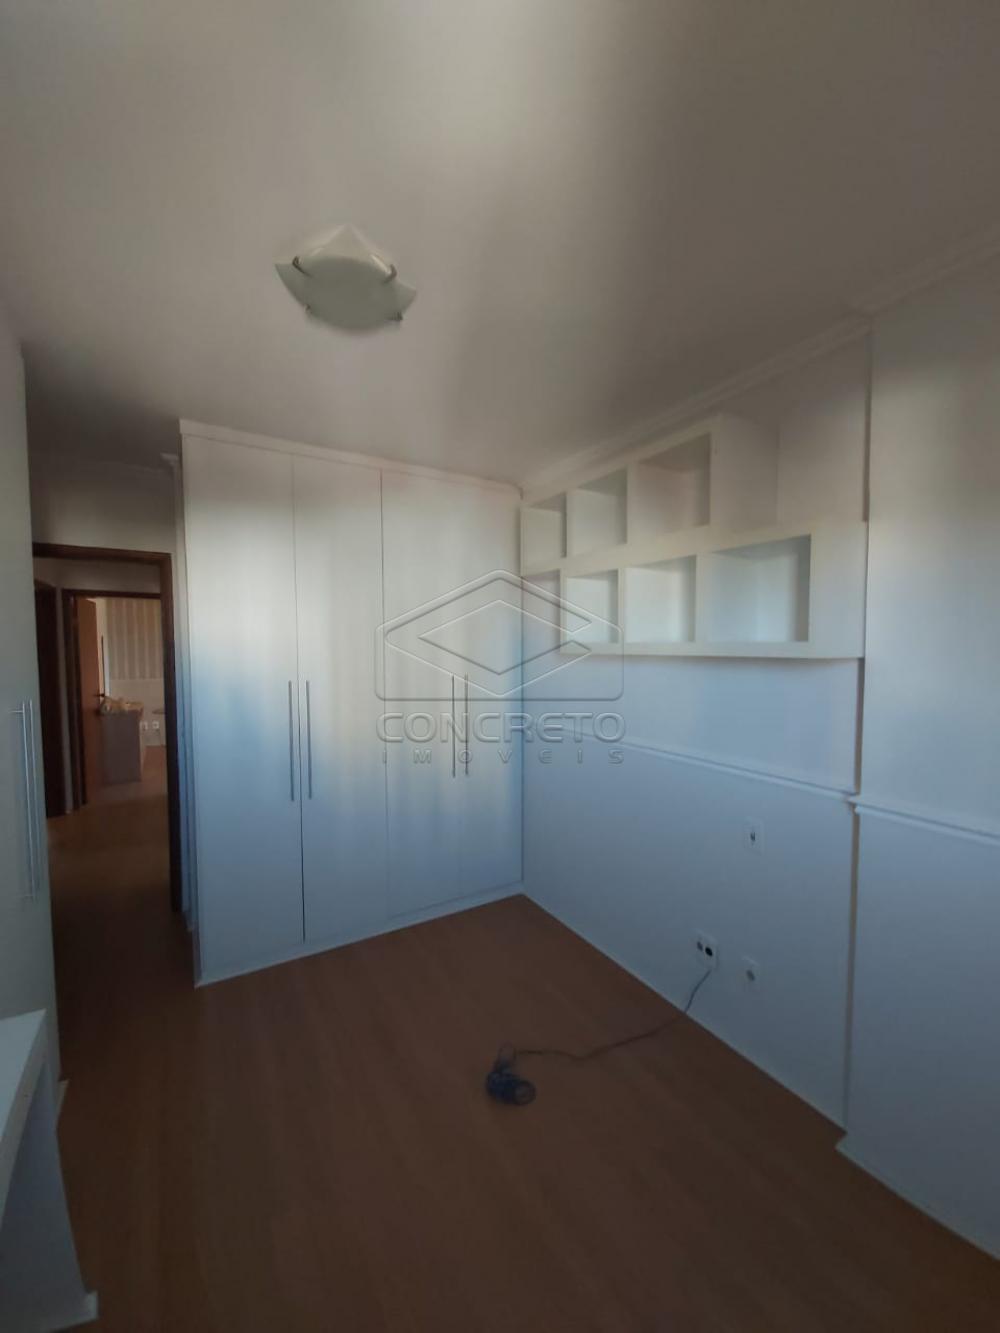 Comprar Apartamento / Padrão em Bauru R$ 510.000,00 - Foto 12